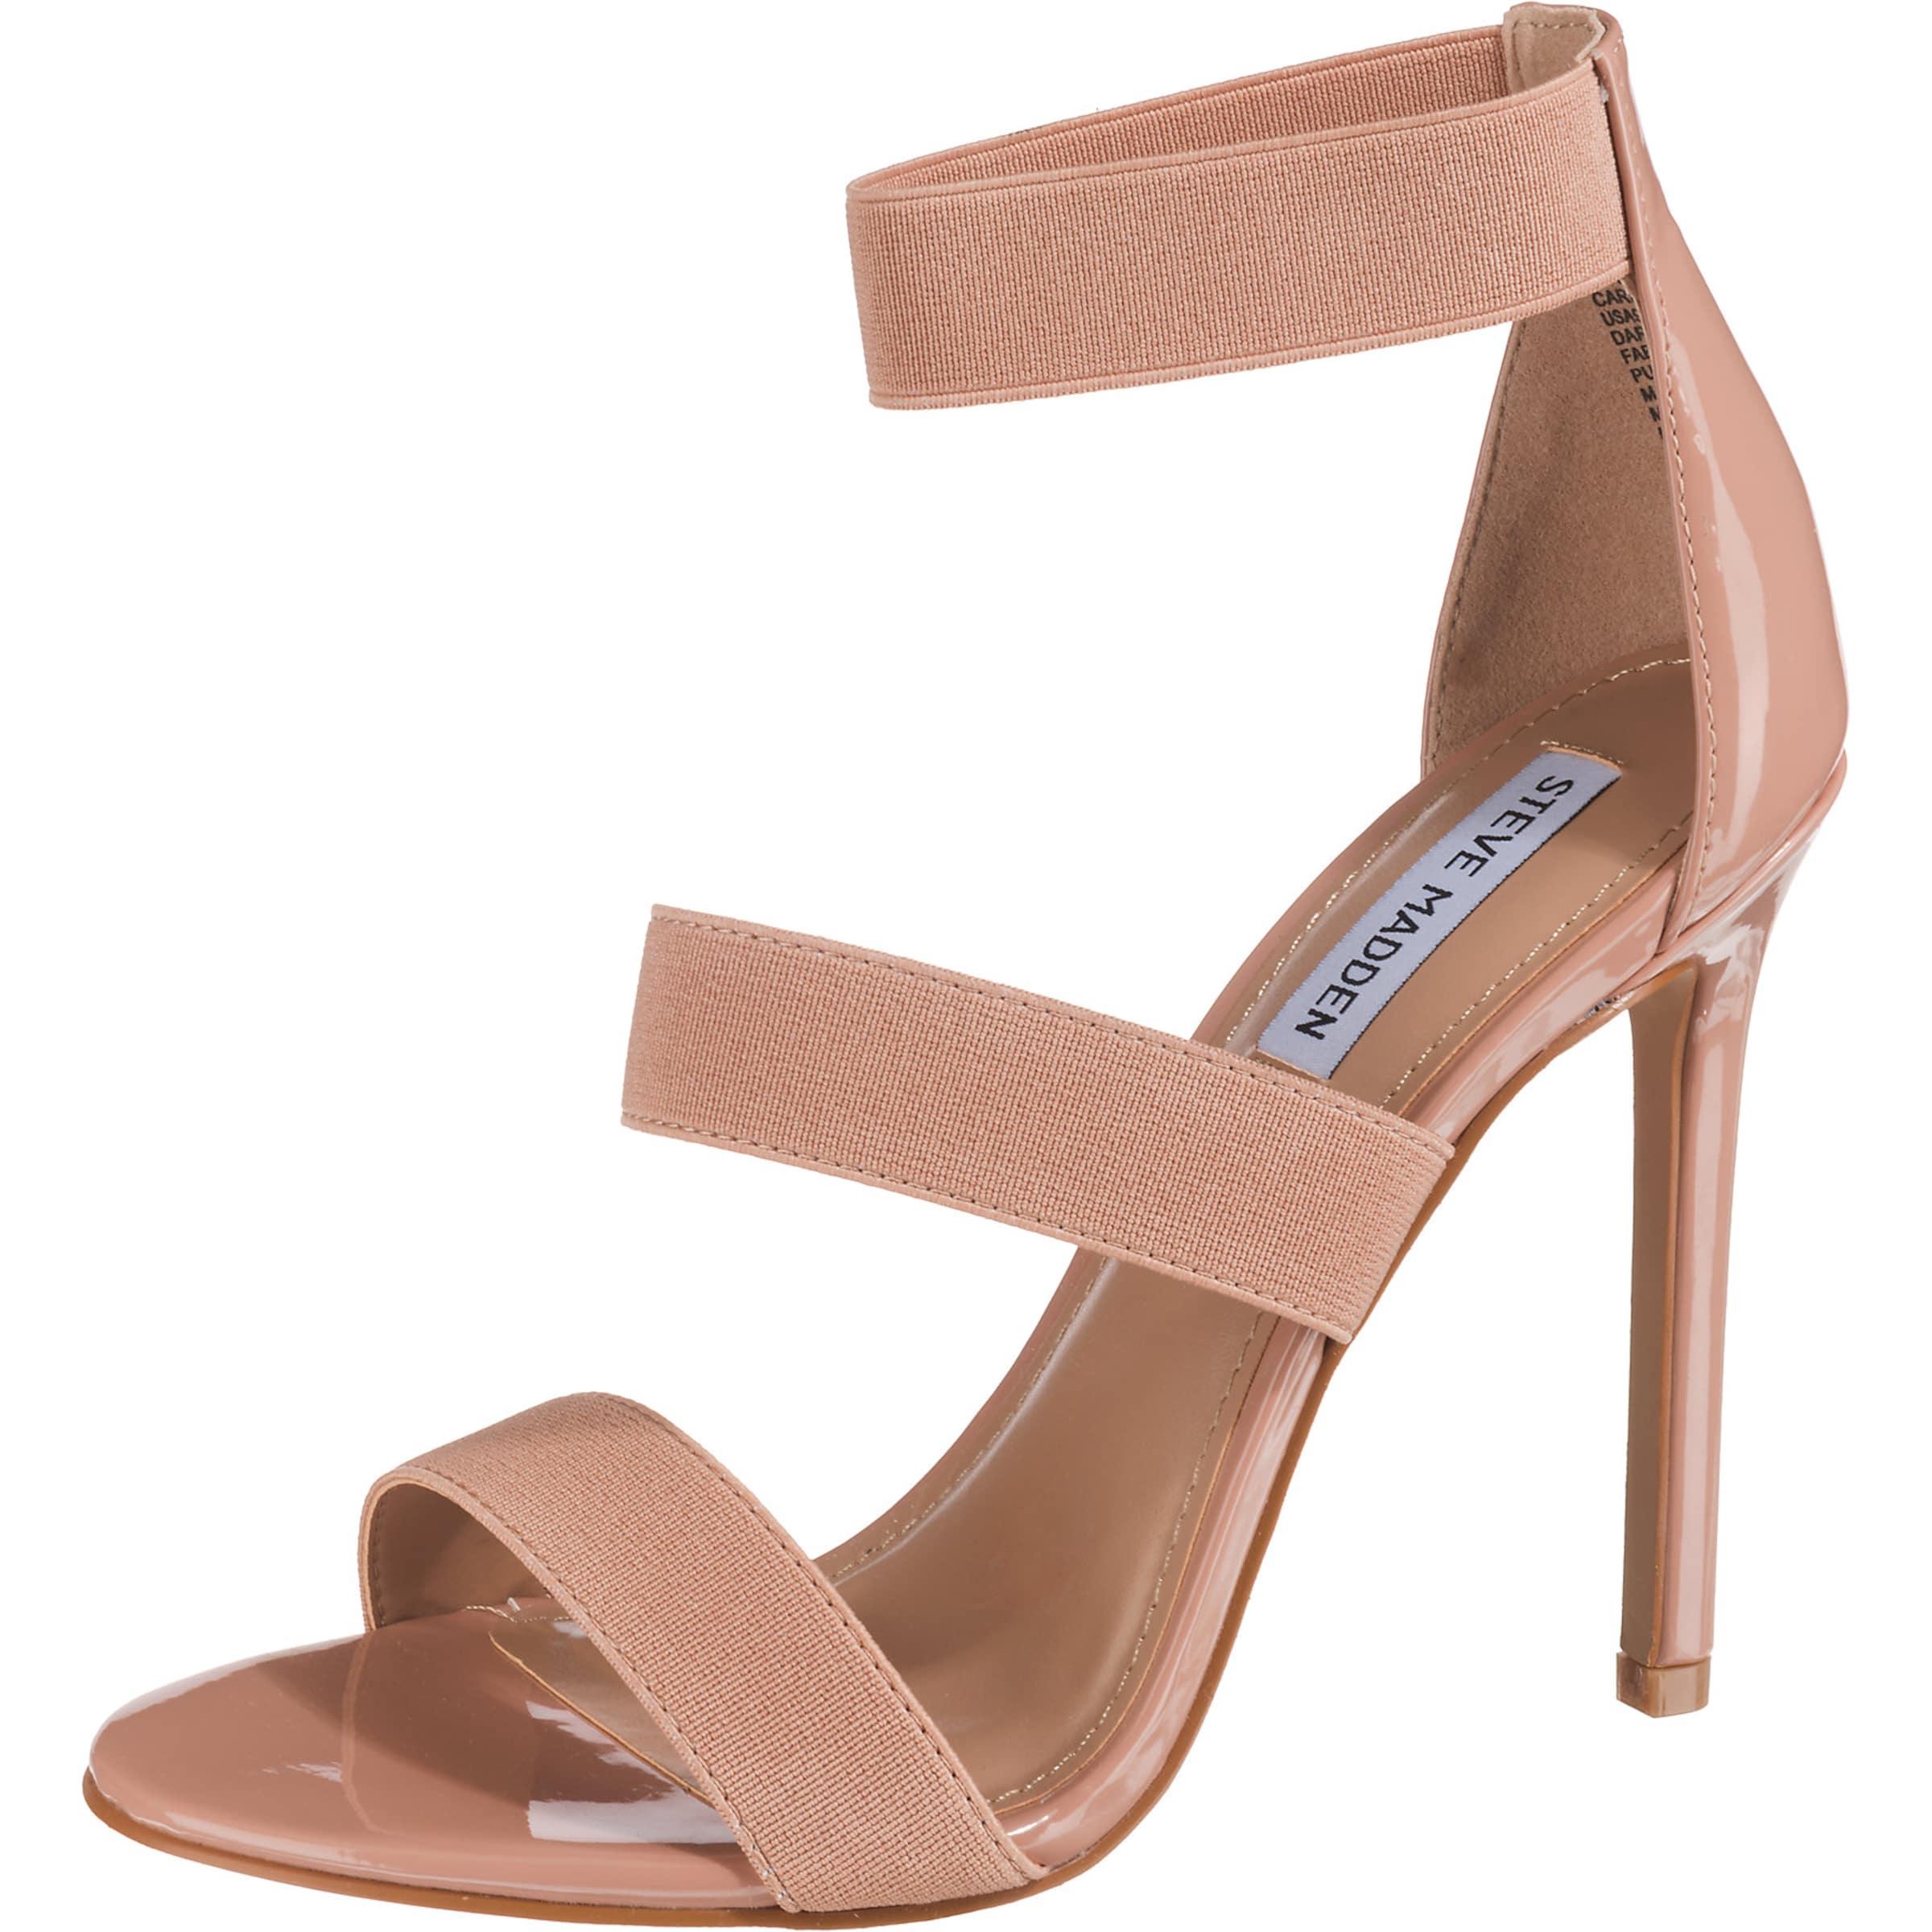 STEVE MADDEN Klassische Sandalette in nude